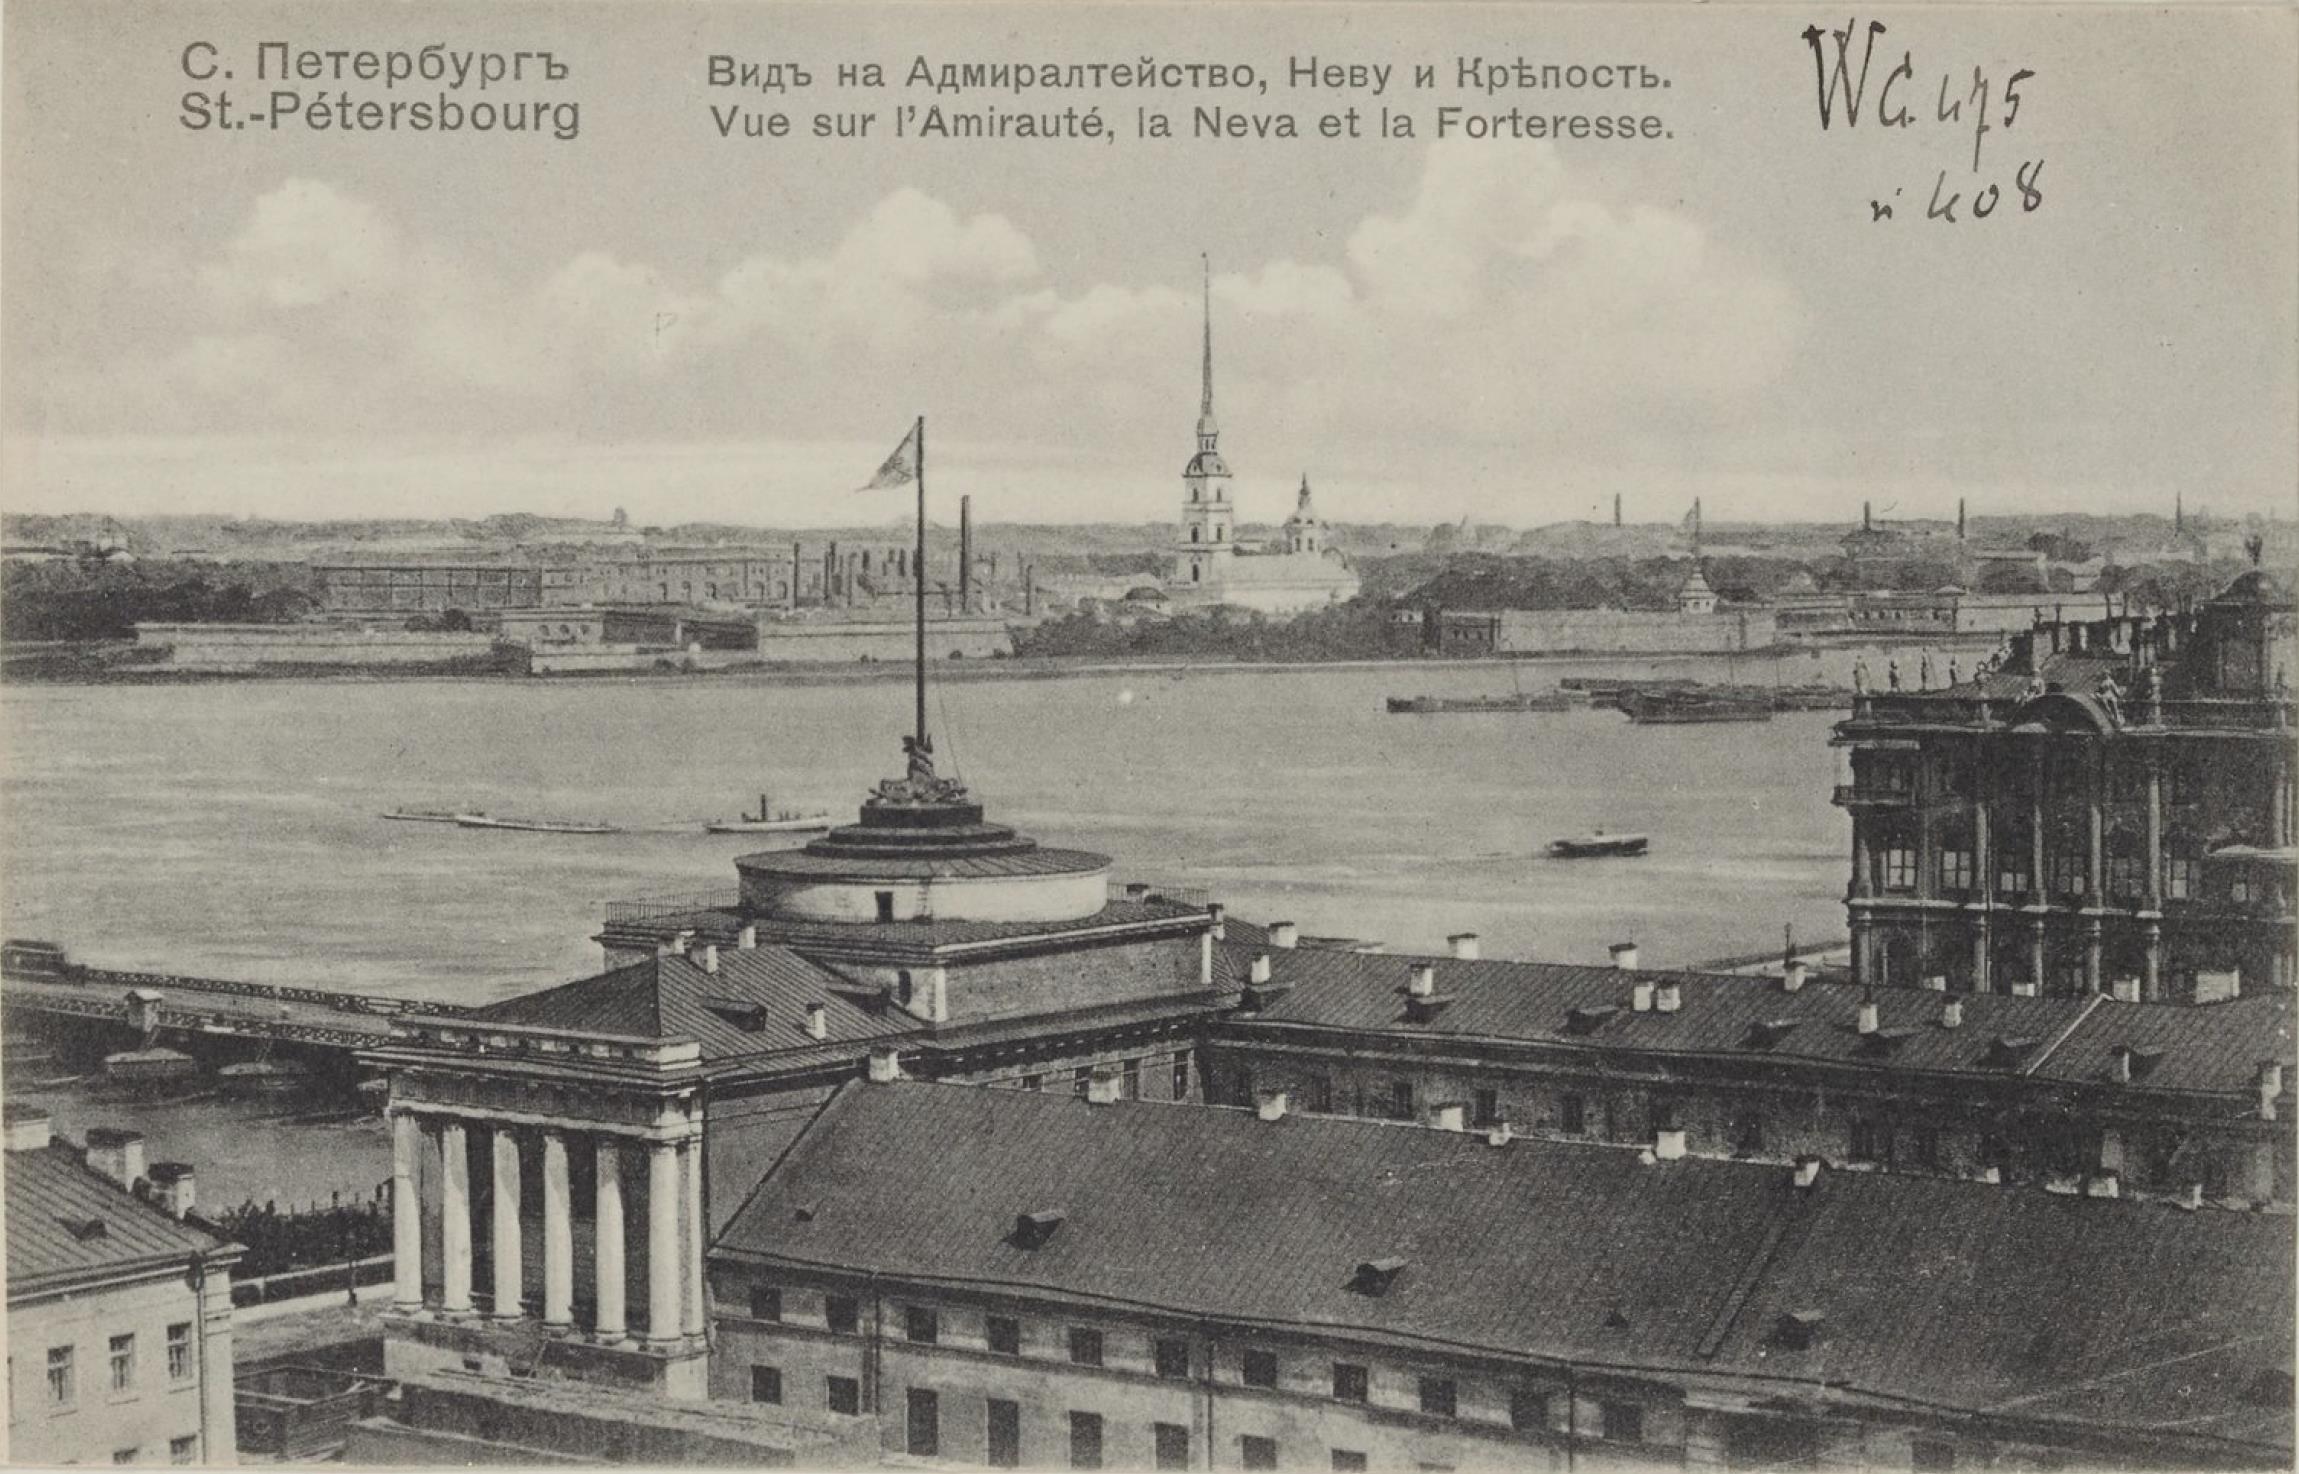 Вид на Адмиралтейство, Неву и крепость